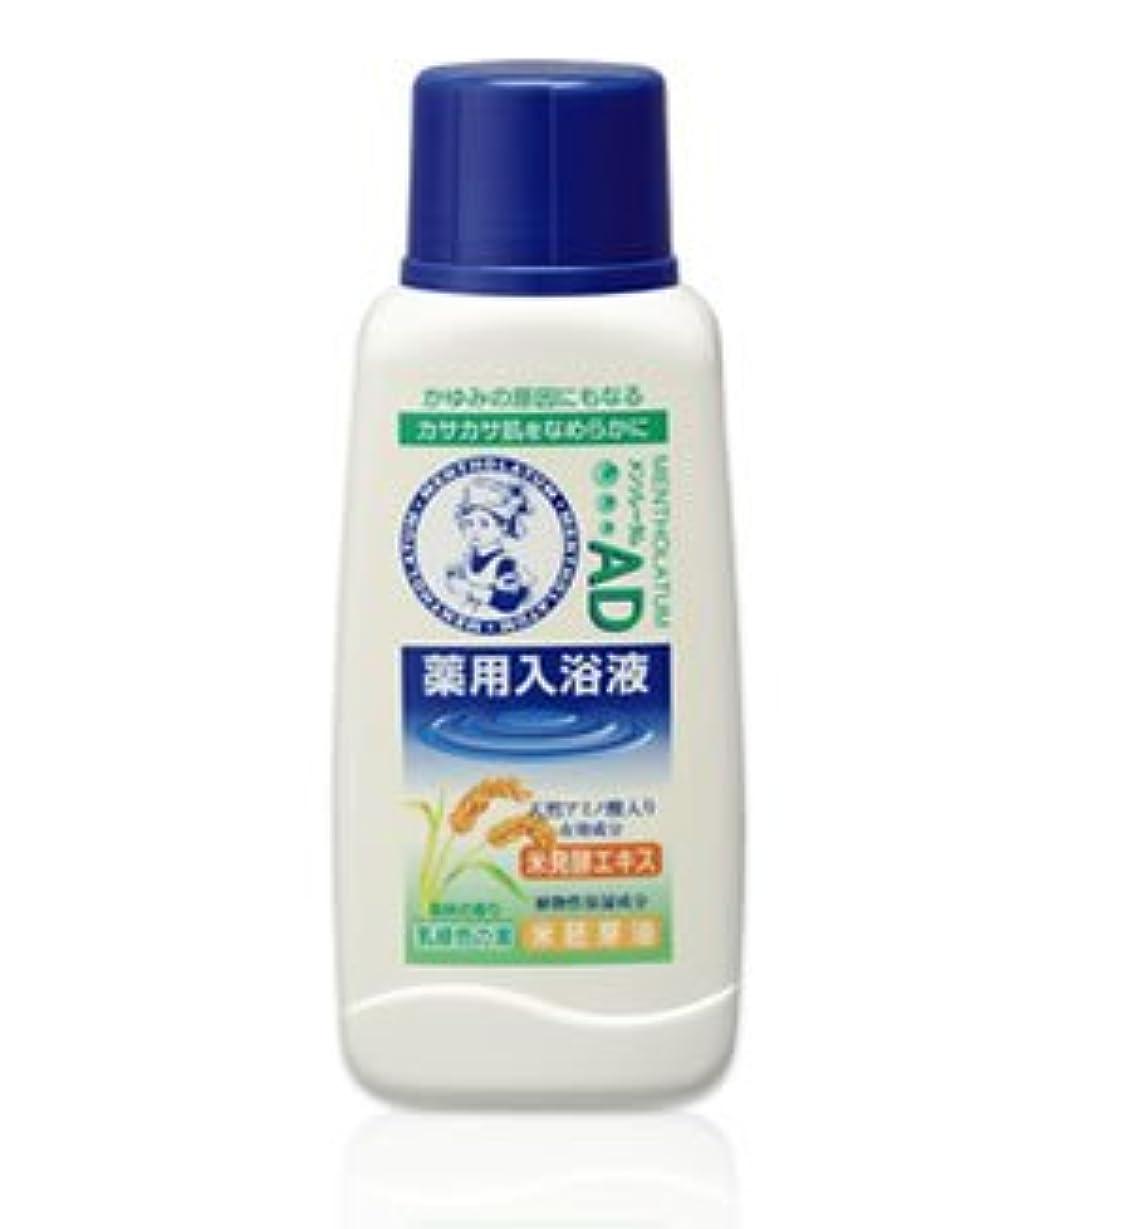 思慮のない順番砂の(ロート)メンソレータム AD薬用入浴剤 森林の香り720ml(医薬部外品)